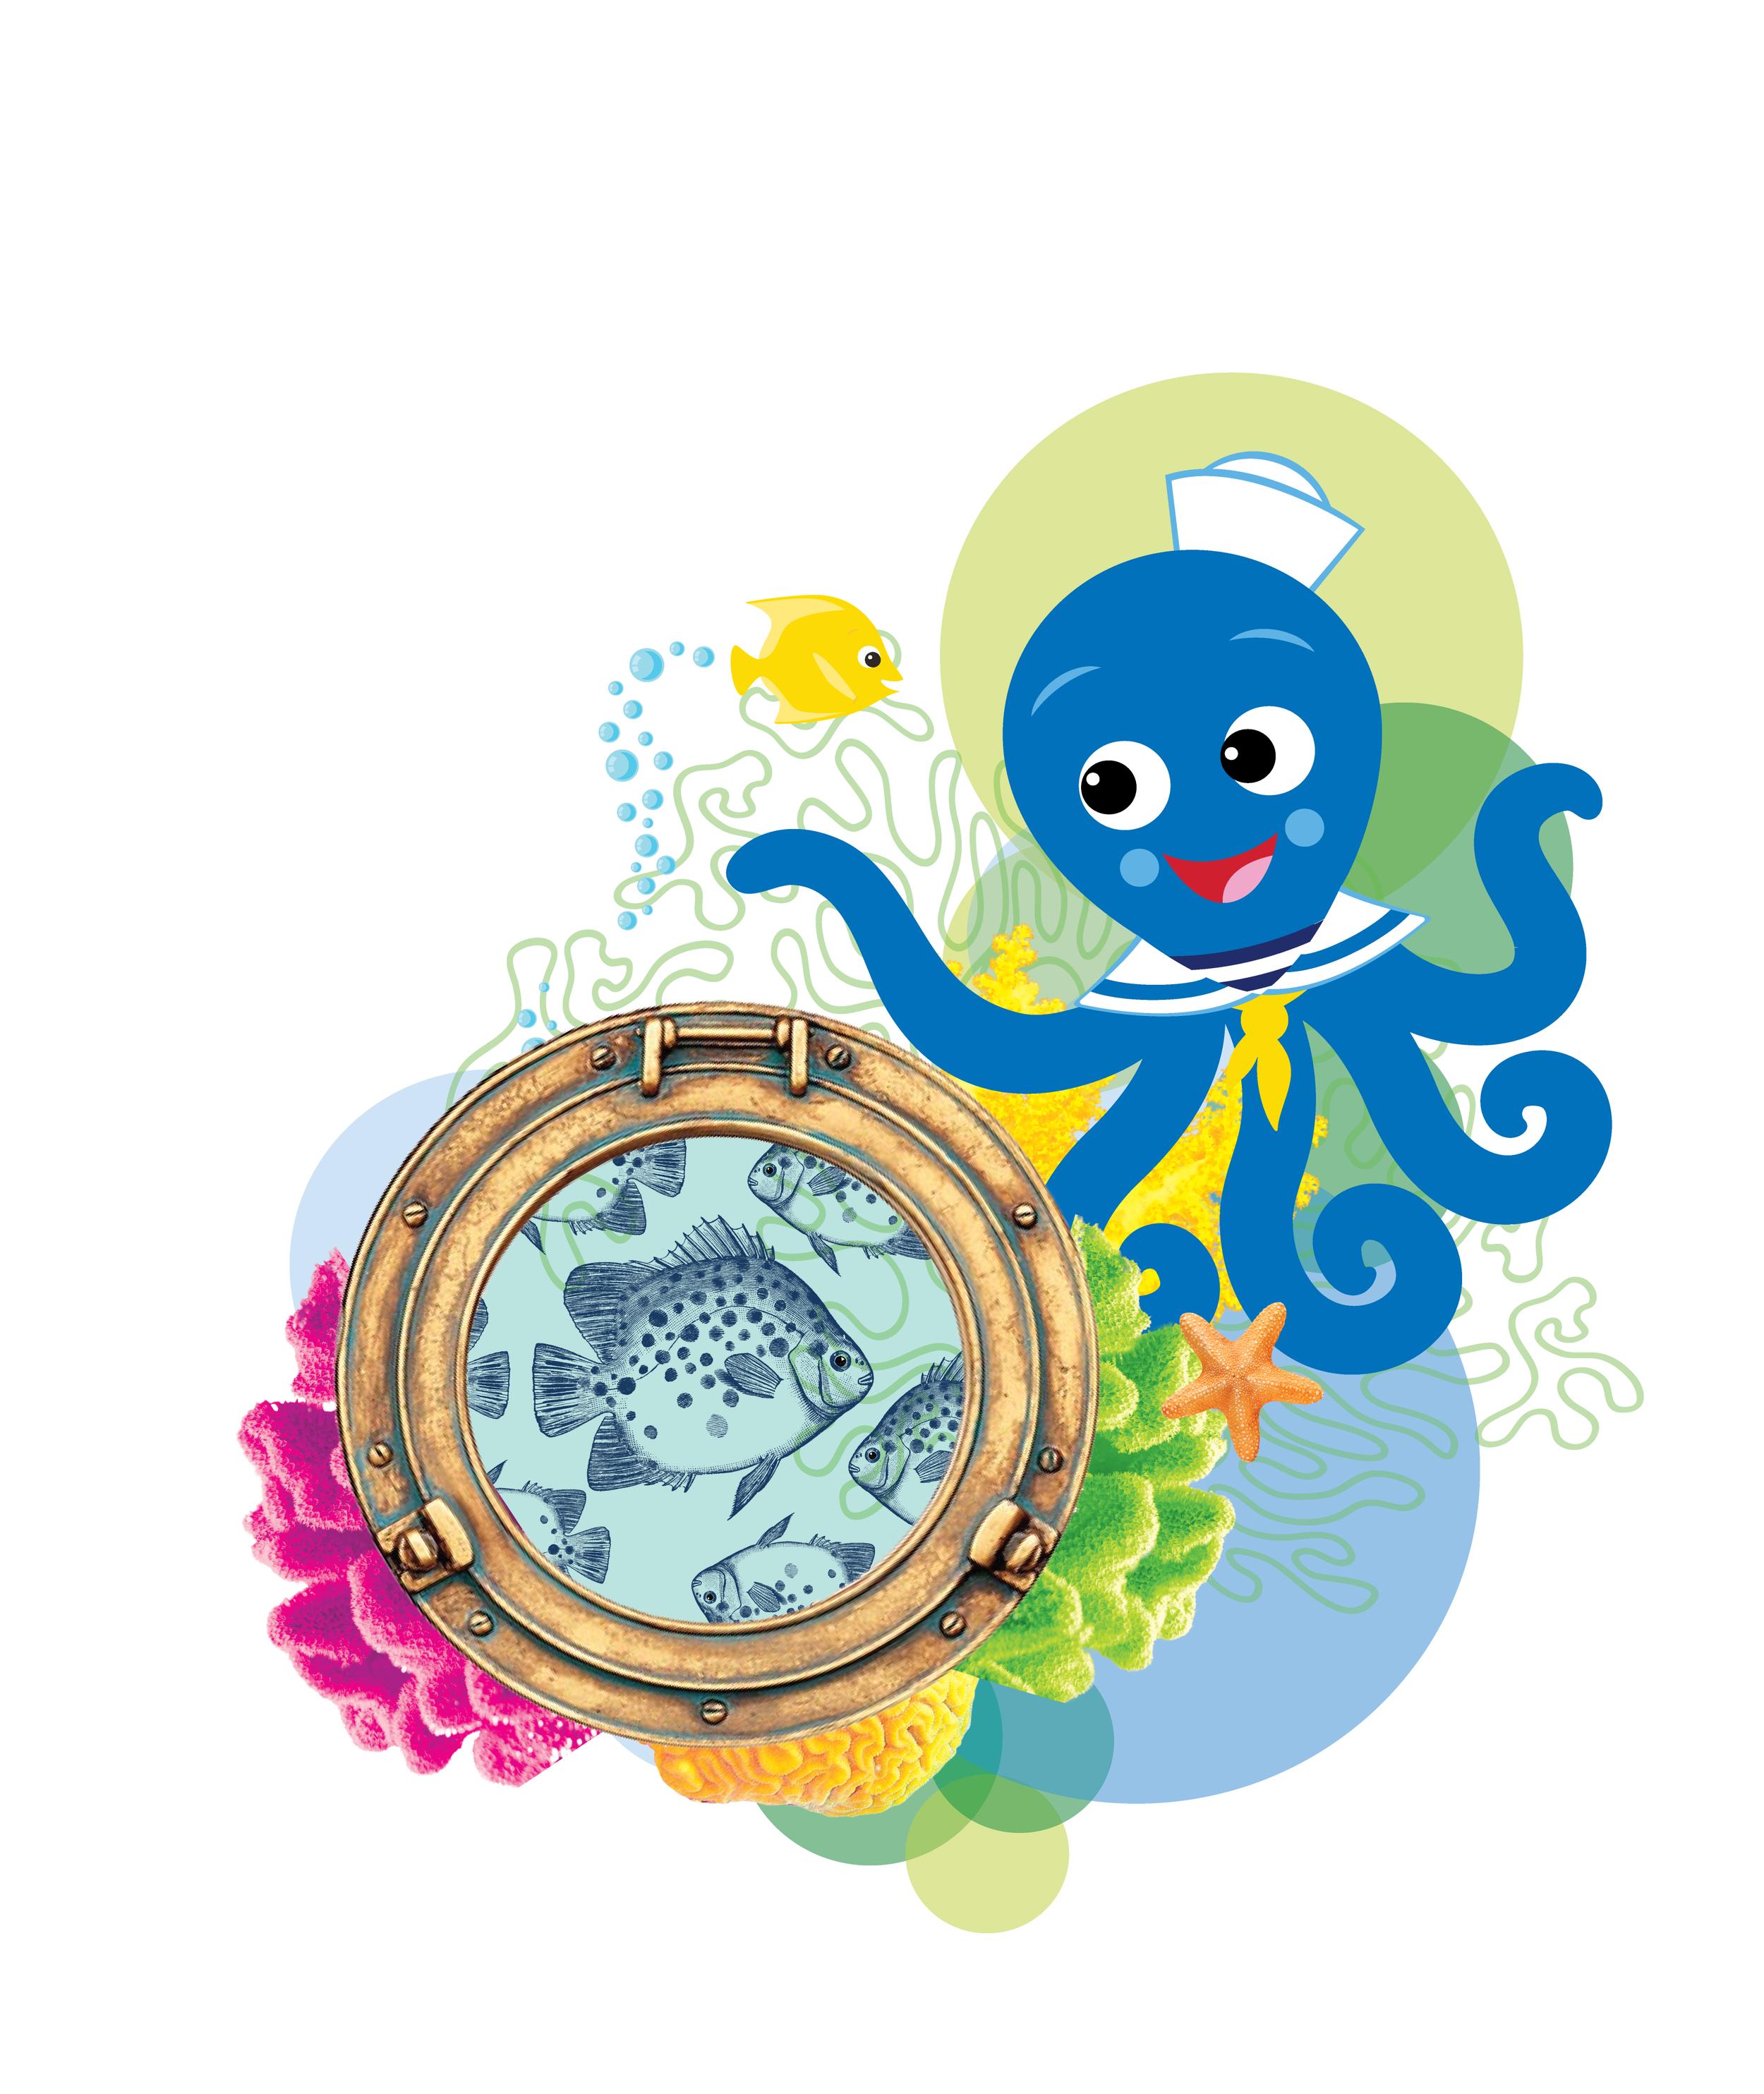 TM-Baby-Einstein-Illustrations.png